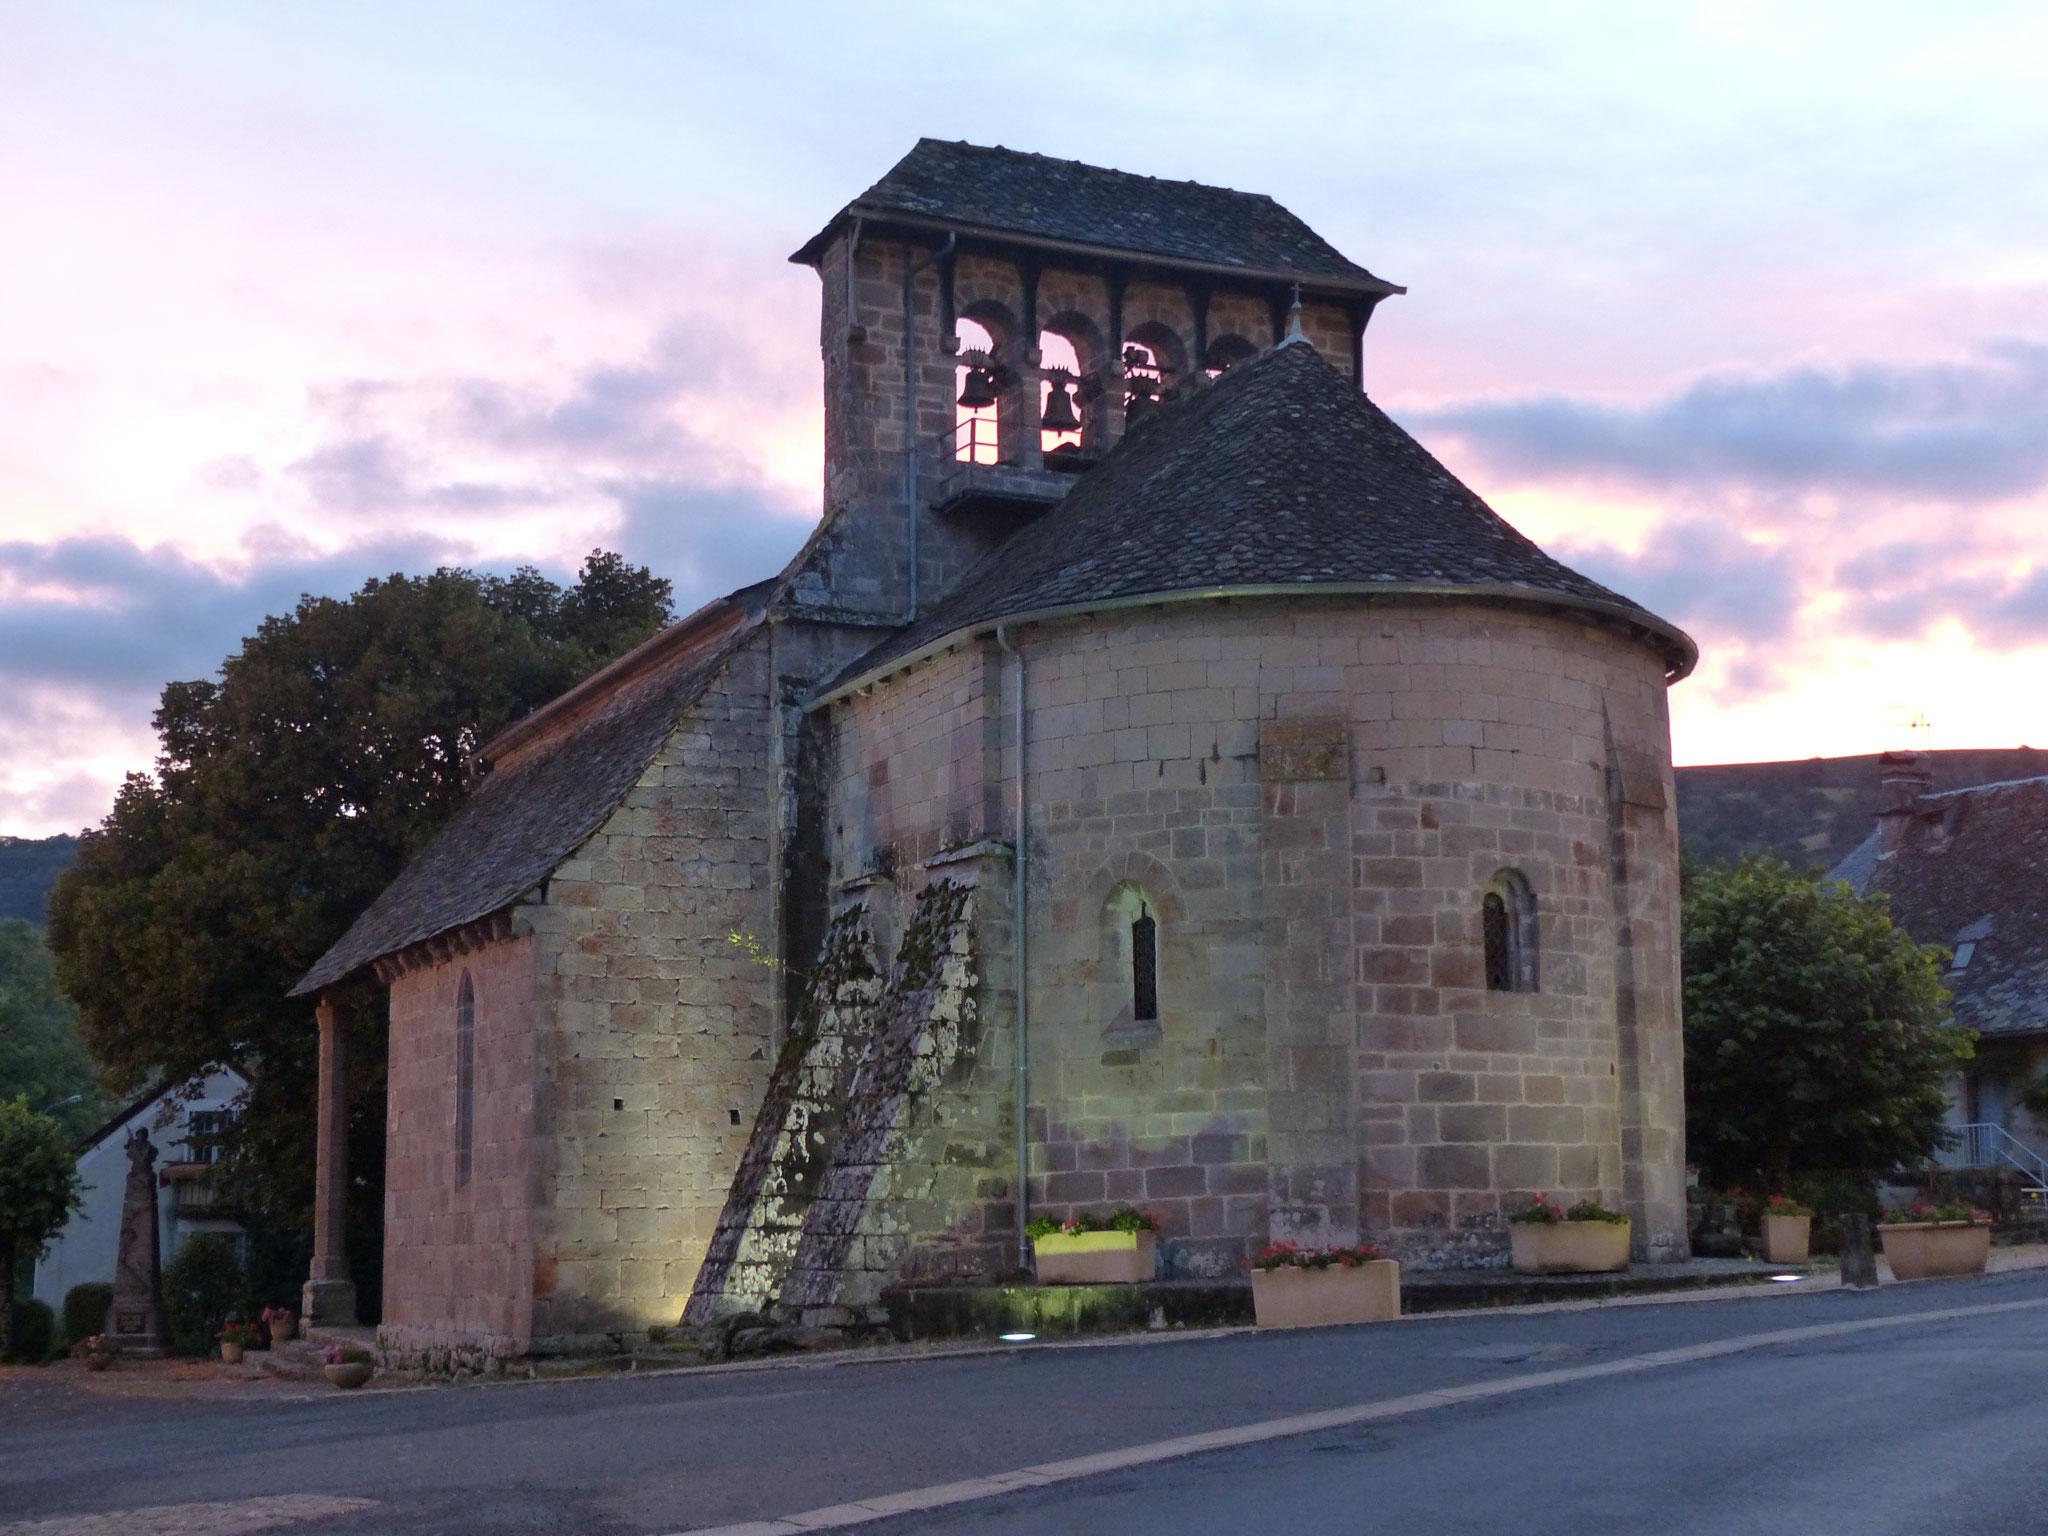 Eglise romane de Jou-sous-Monjou